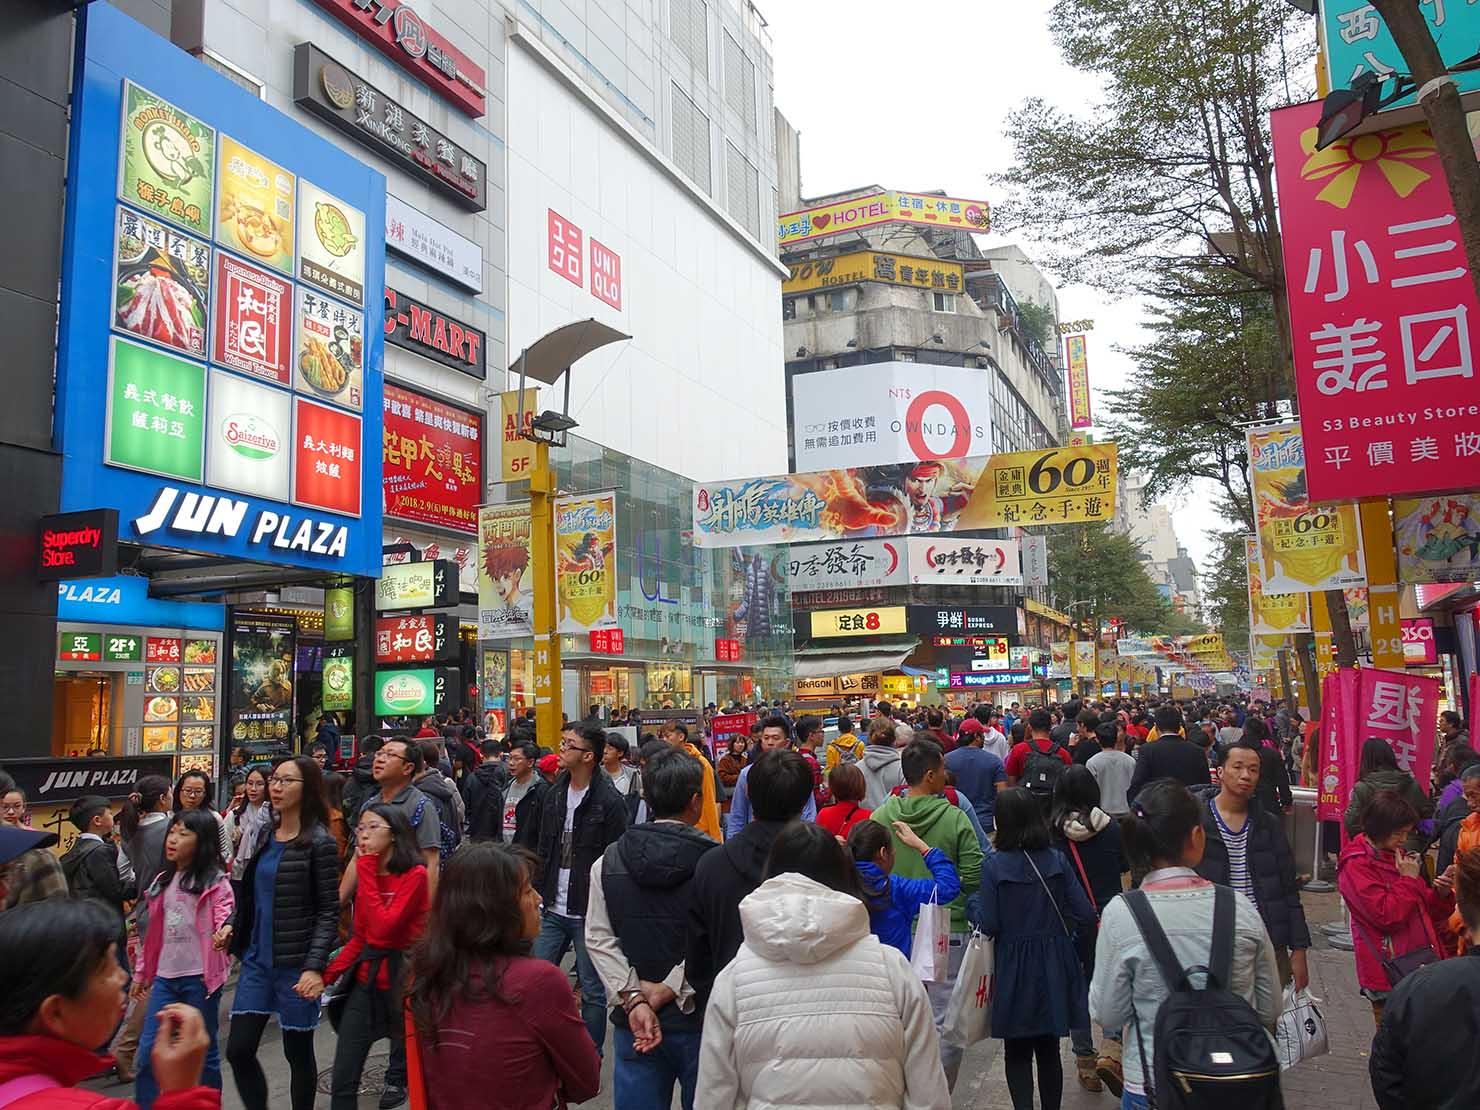 春節(旧正月)を迎えたの台北の観光スポット「西門町」